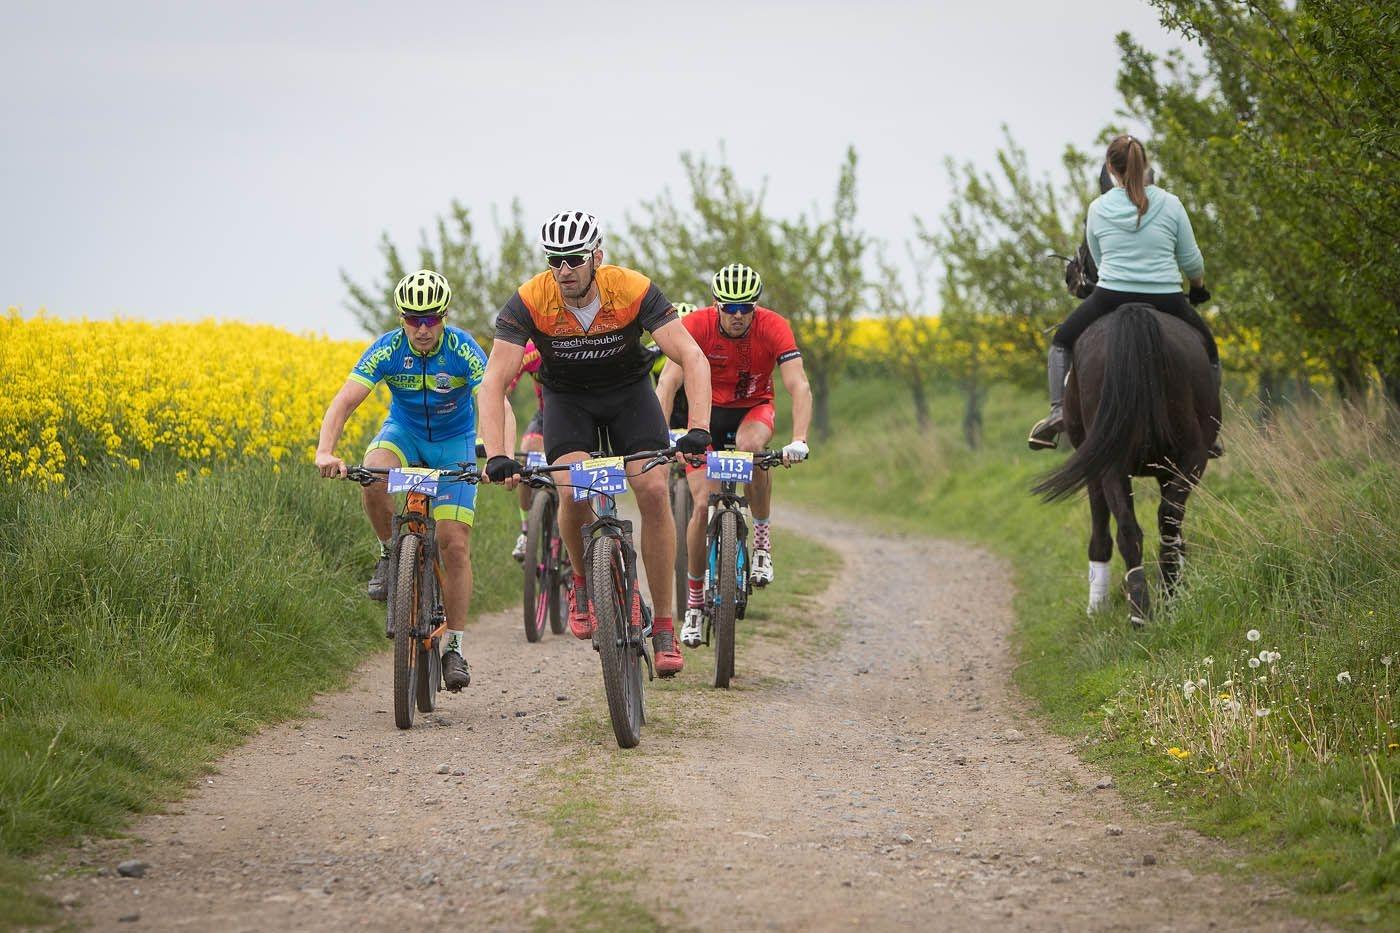 Ondřej Synek v sedle kola při závodě seriálu Kolo pro život. Foto: Kolo pro život